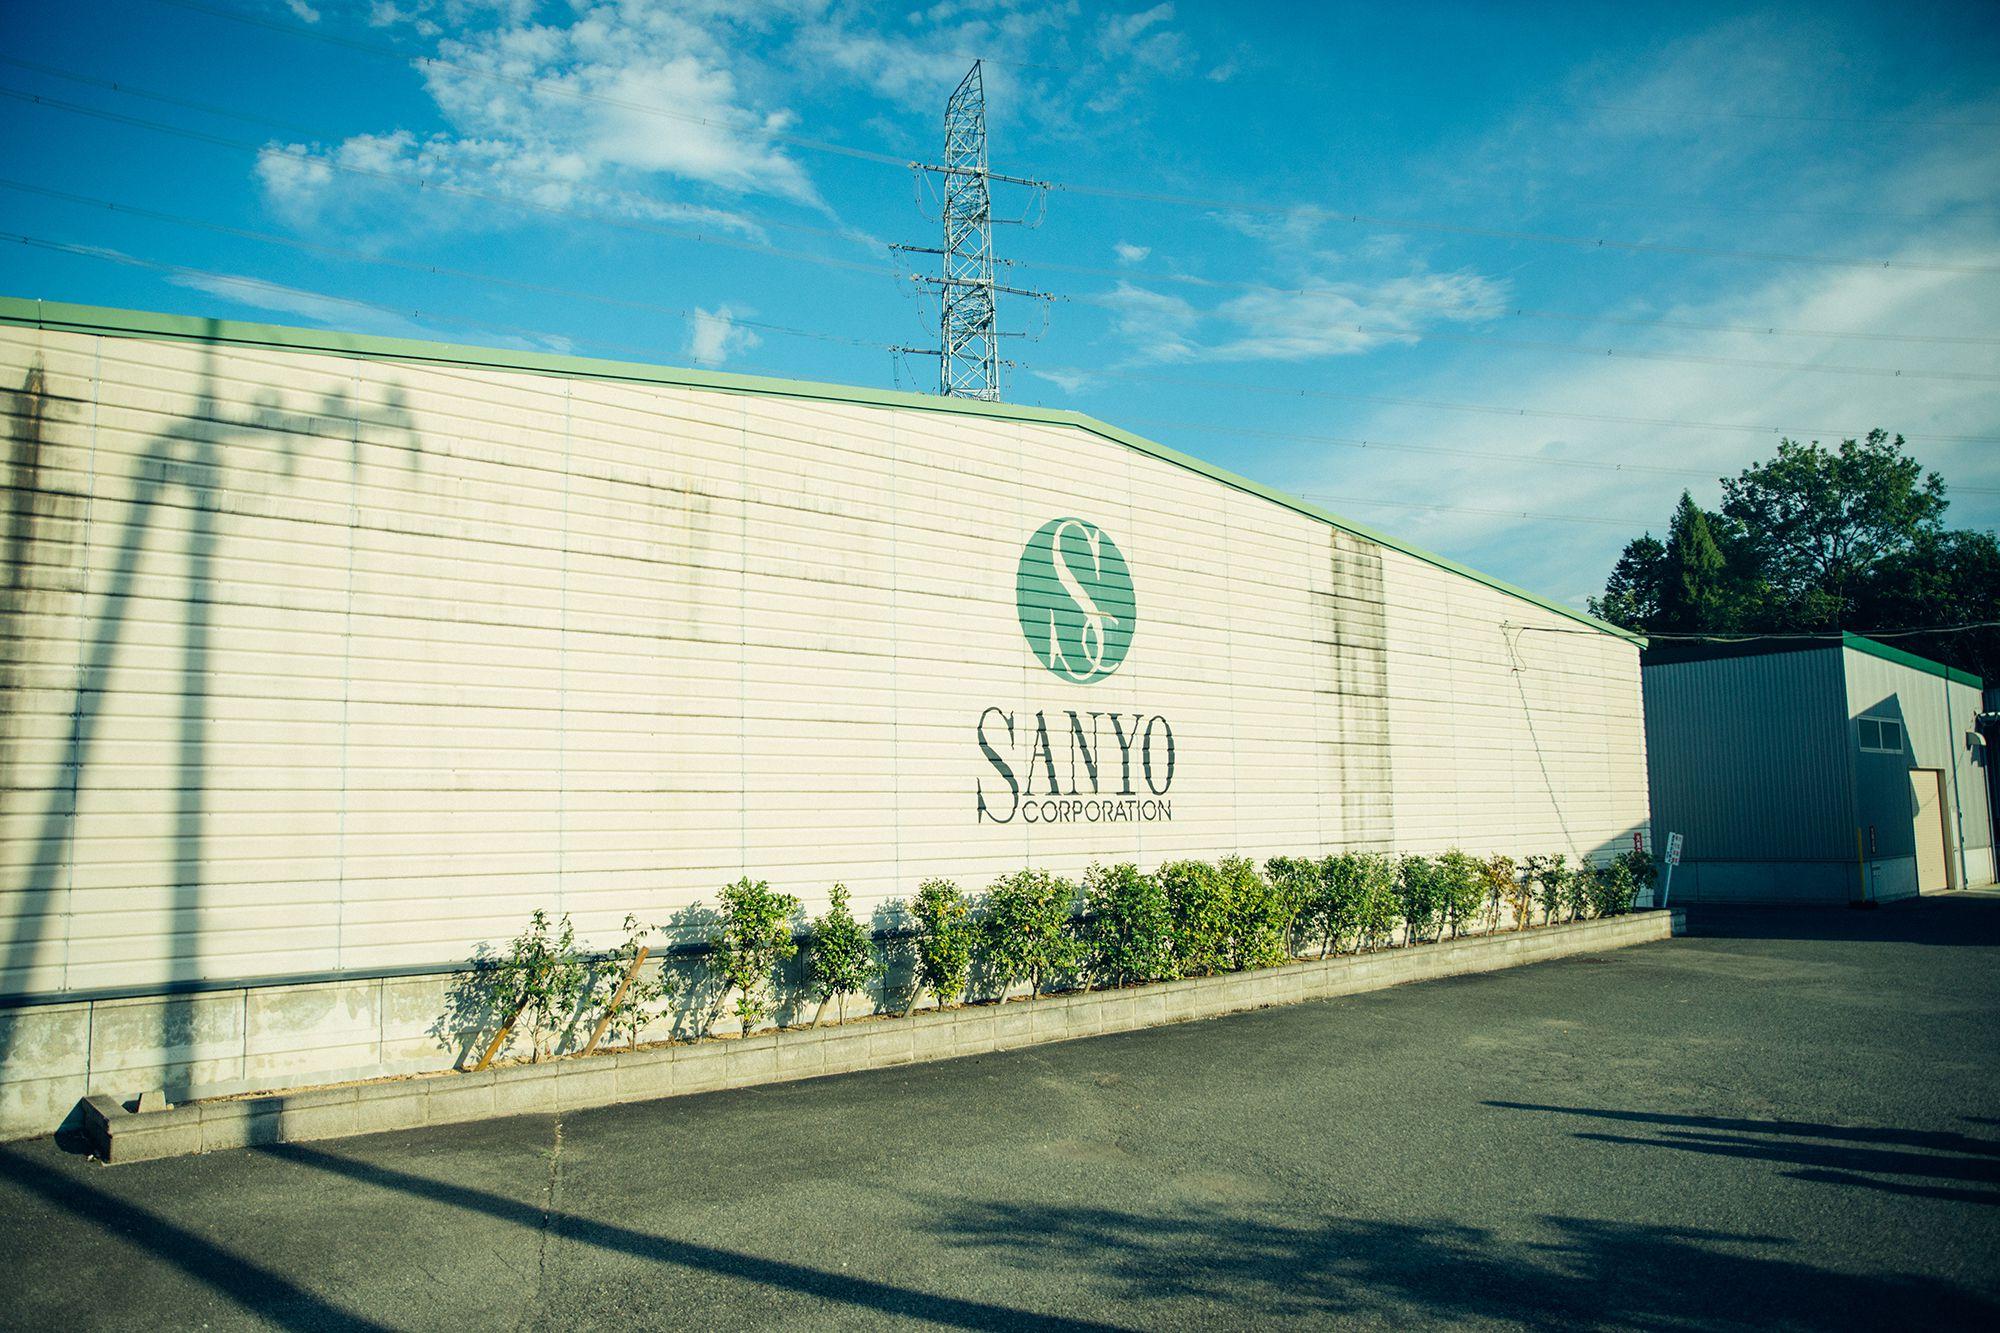 豊かな田園風景に石州瓦の家々が点在する山あいに、世界に誇る最高峰化粧用コットンを製造する、サンヨーコーポレーションはある。